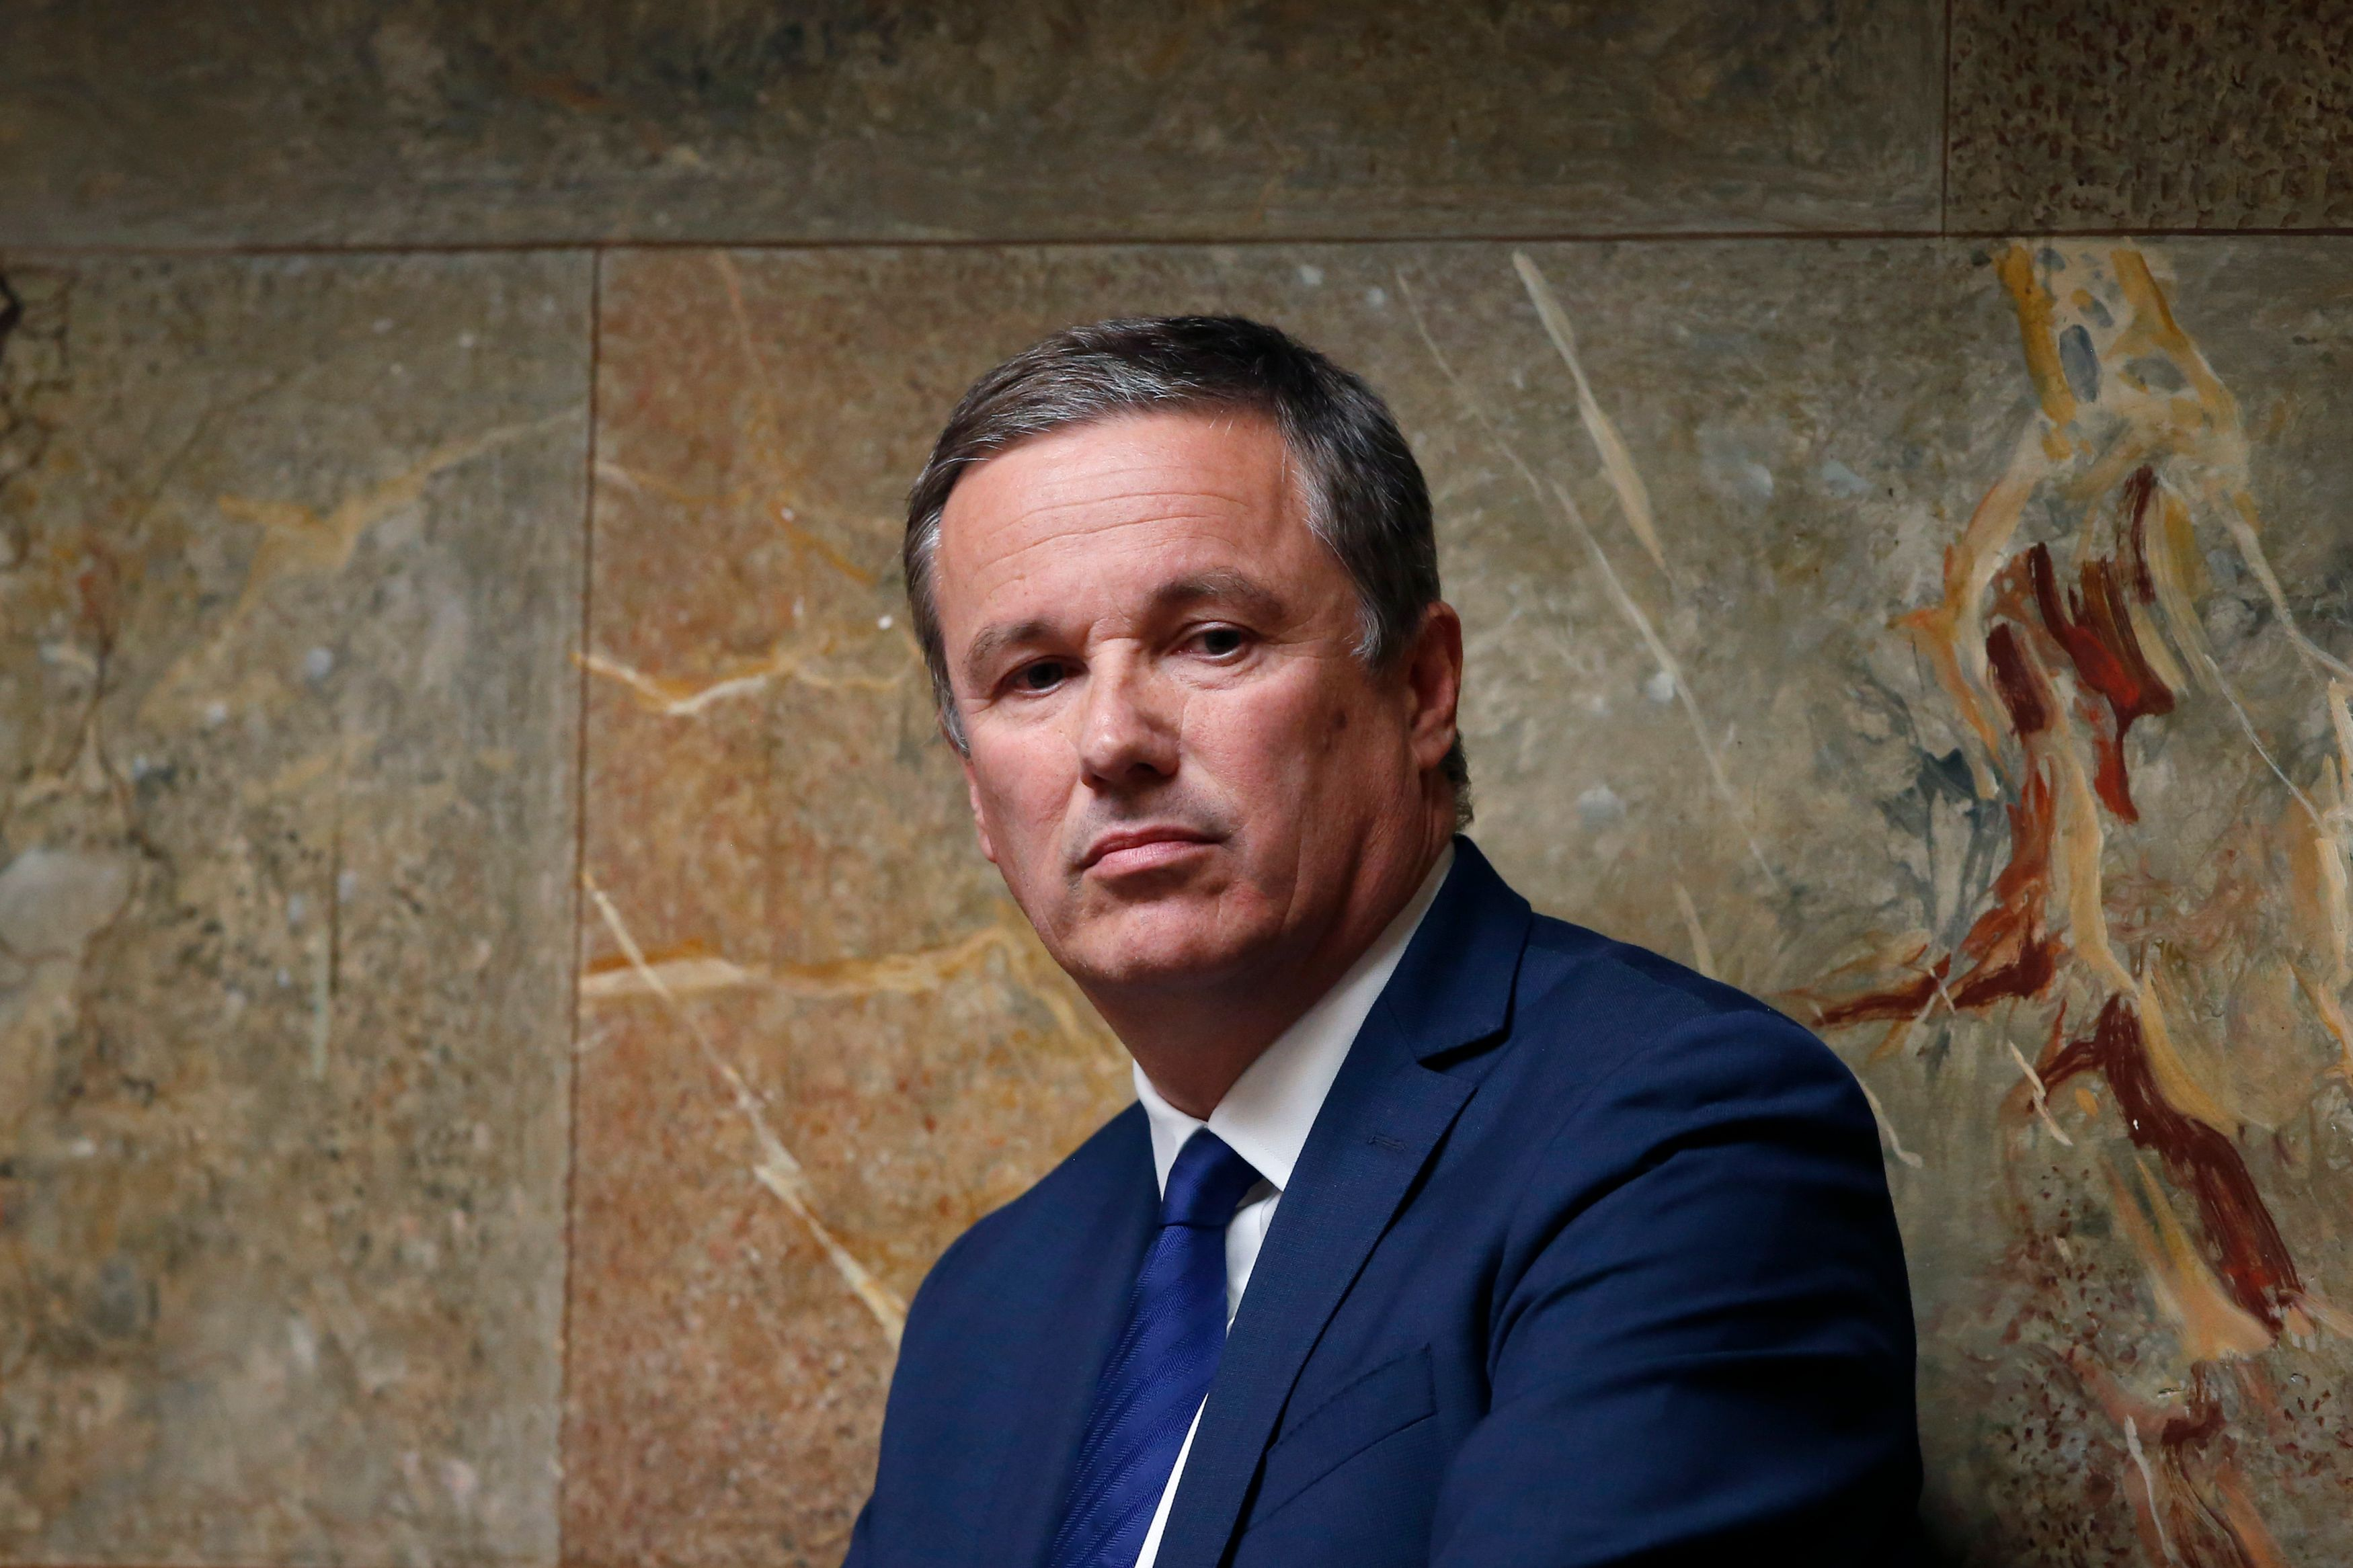 Élections européennes de 2019 : Nicolas Dupont-Aignan refuserait toute alliance avec Marine Le Pen